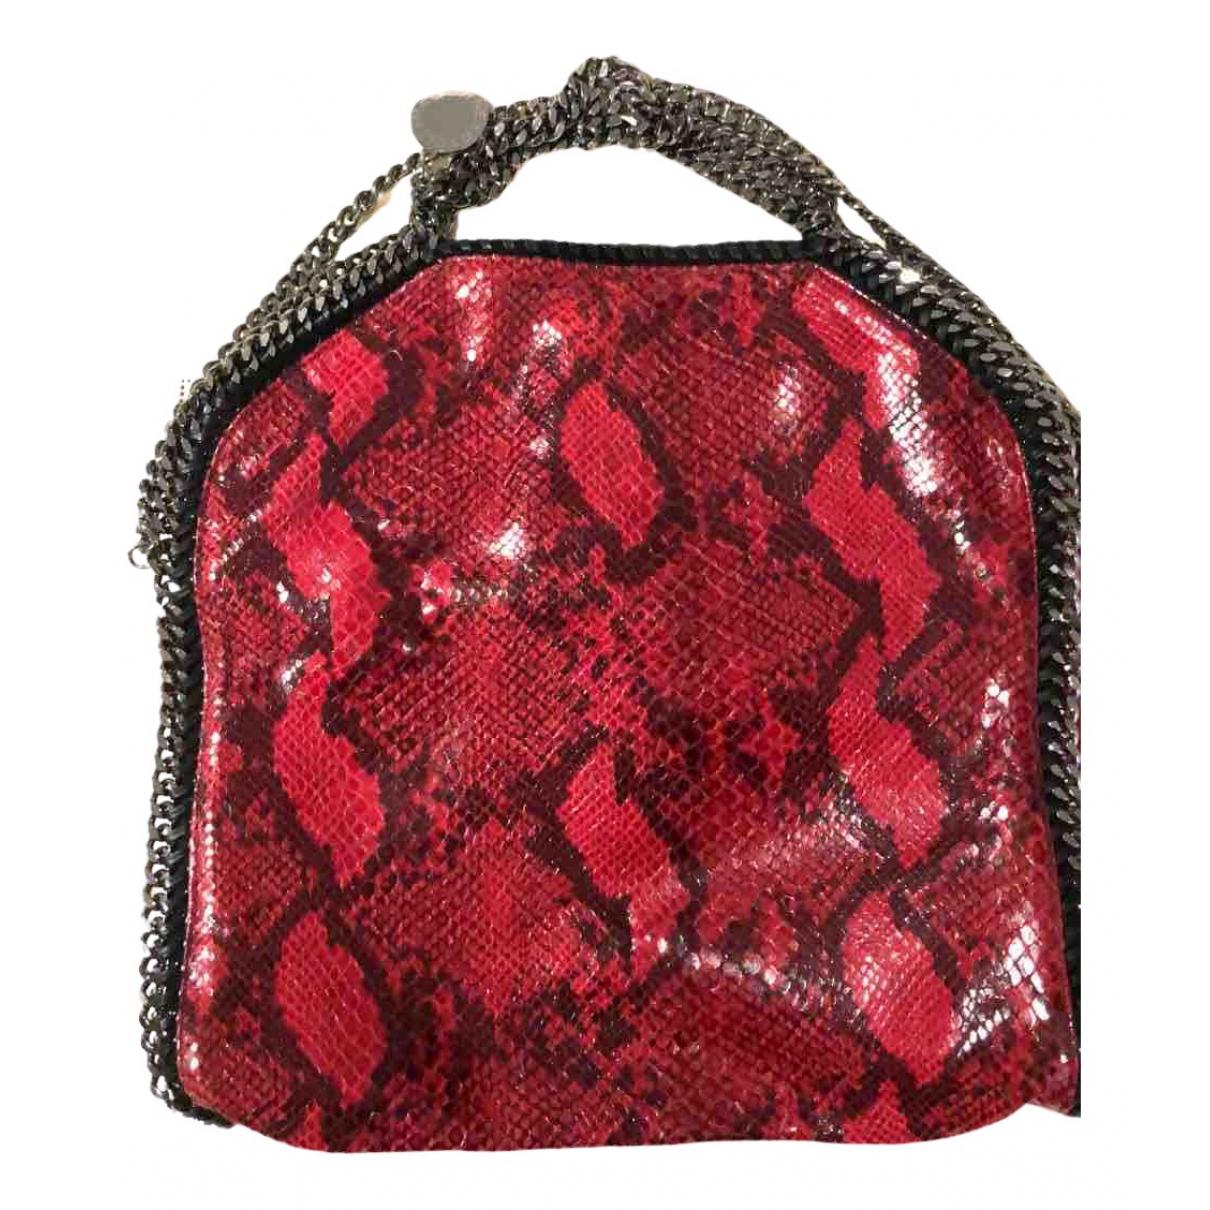 Stella Mccartney Falabella Handtasche in  Rot Leinen